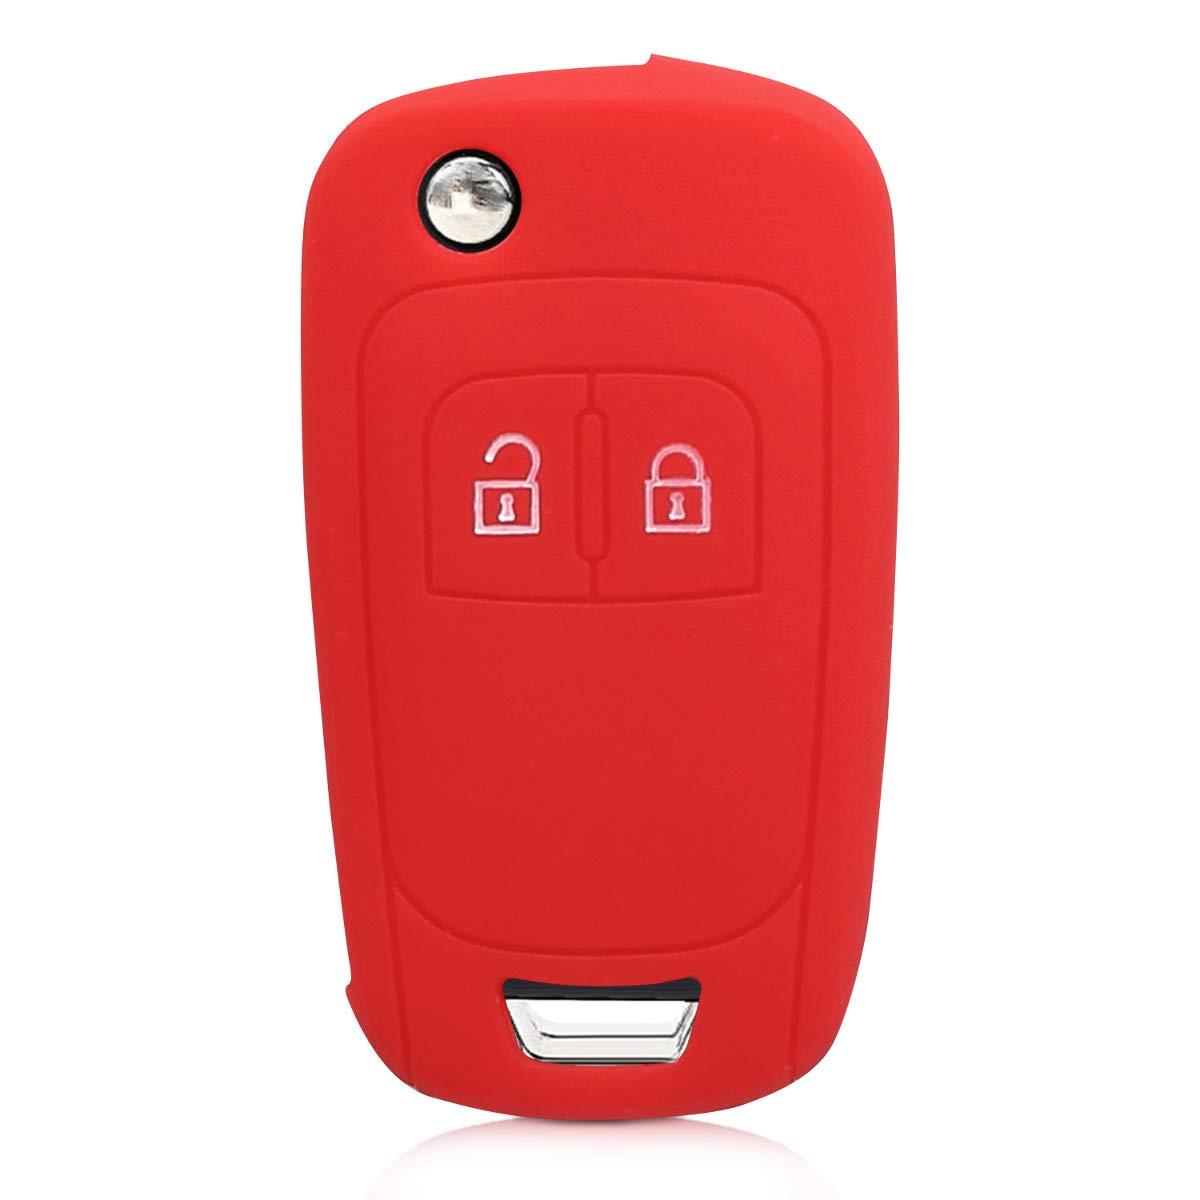 Amazon.com: kwmobile - Carcasa de silicona para llave de ...